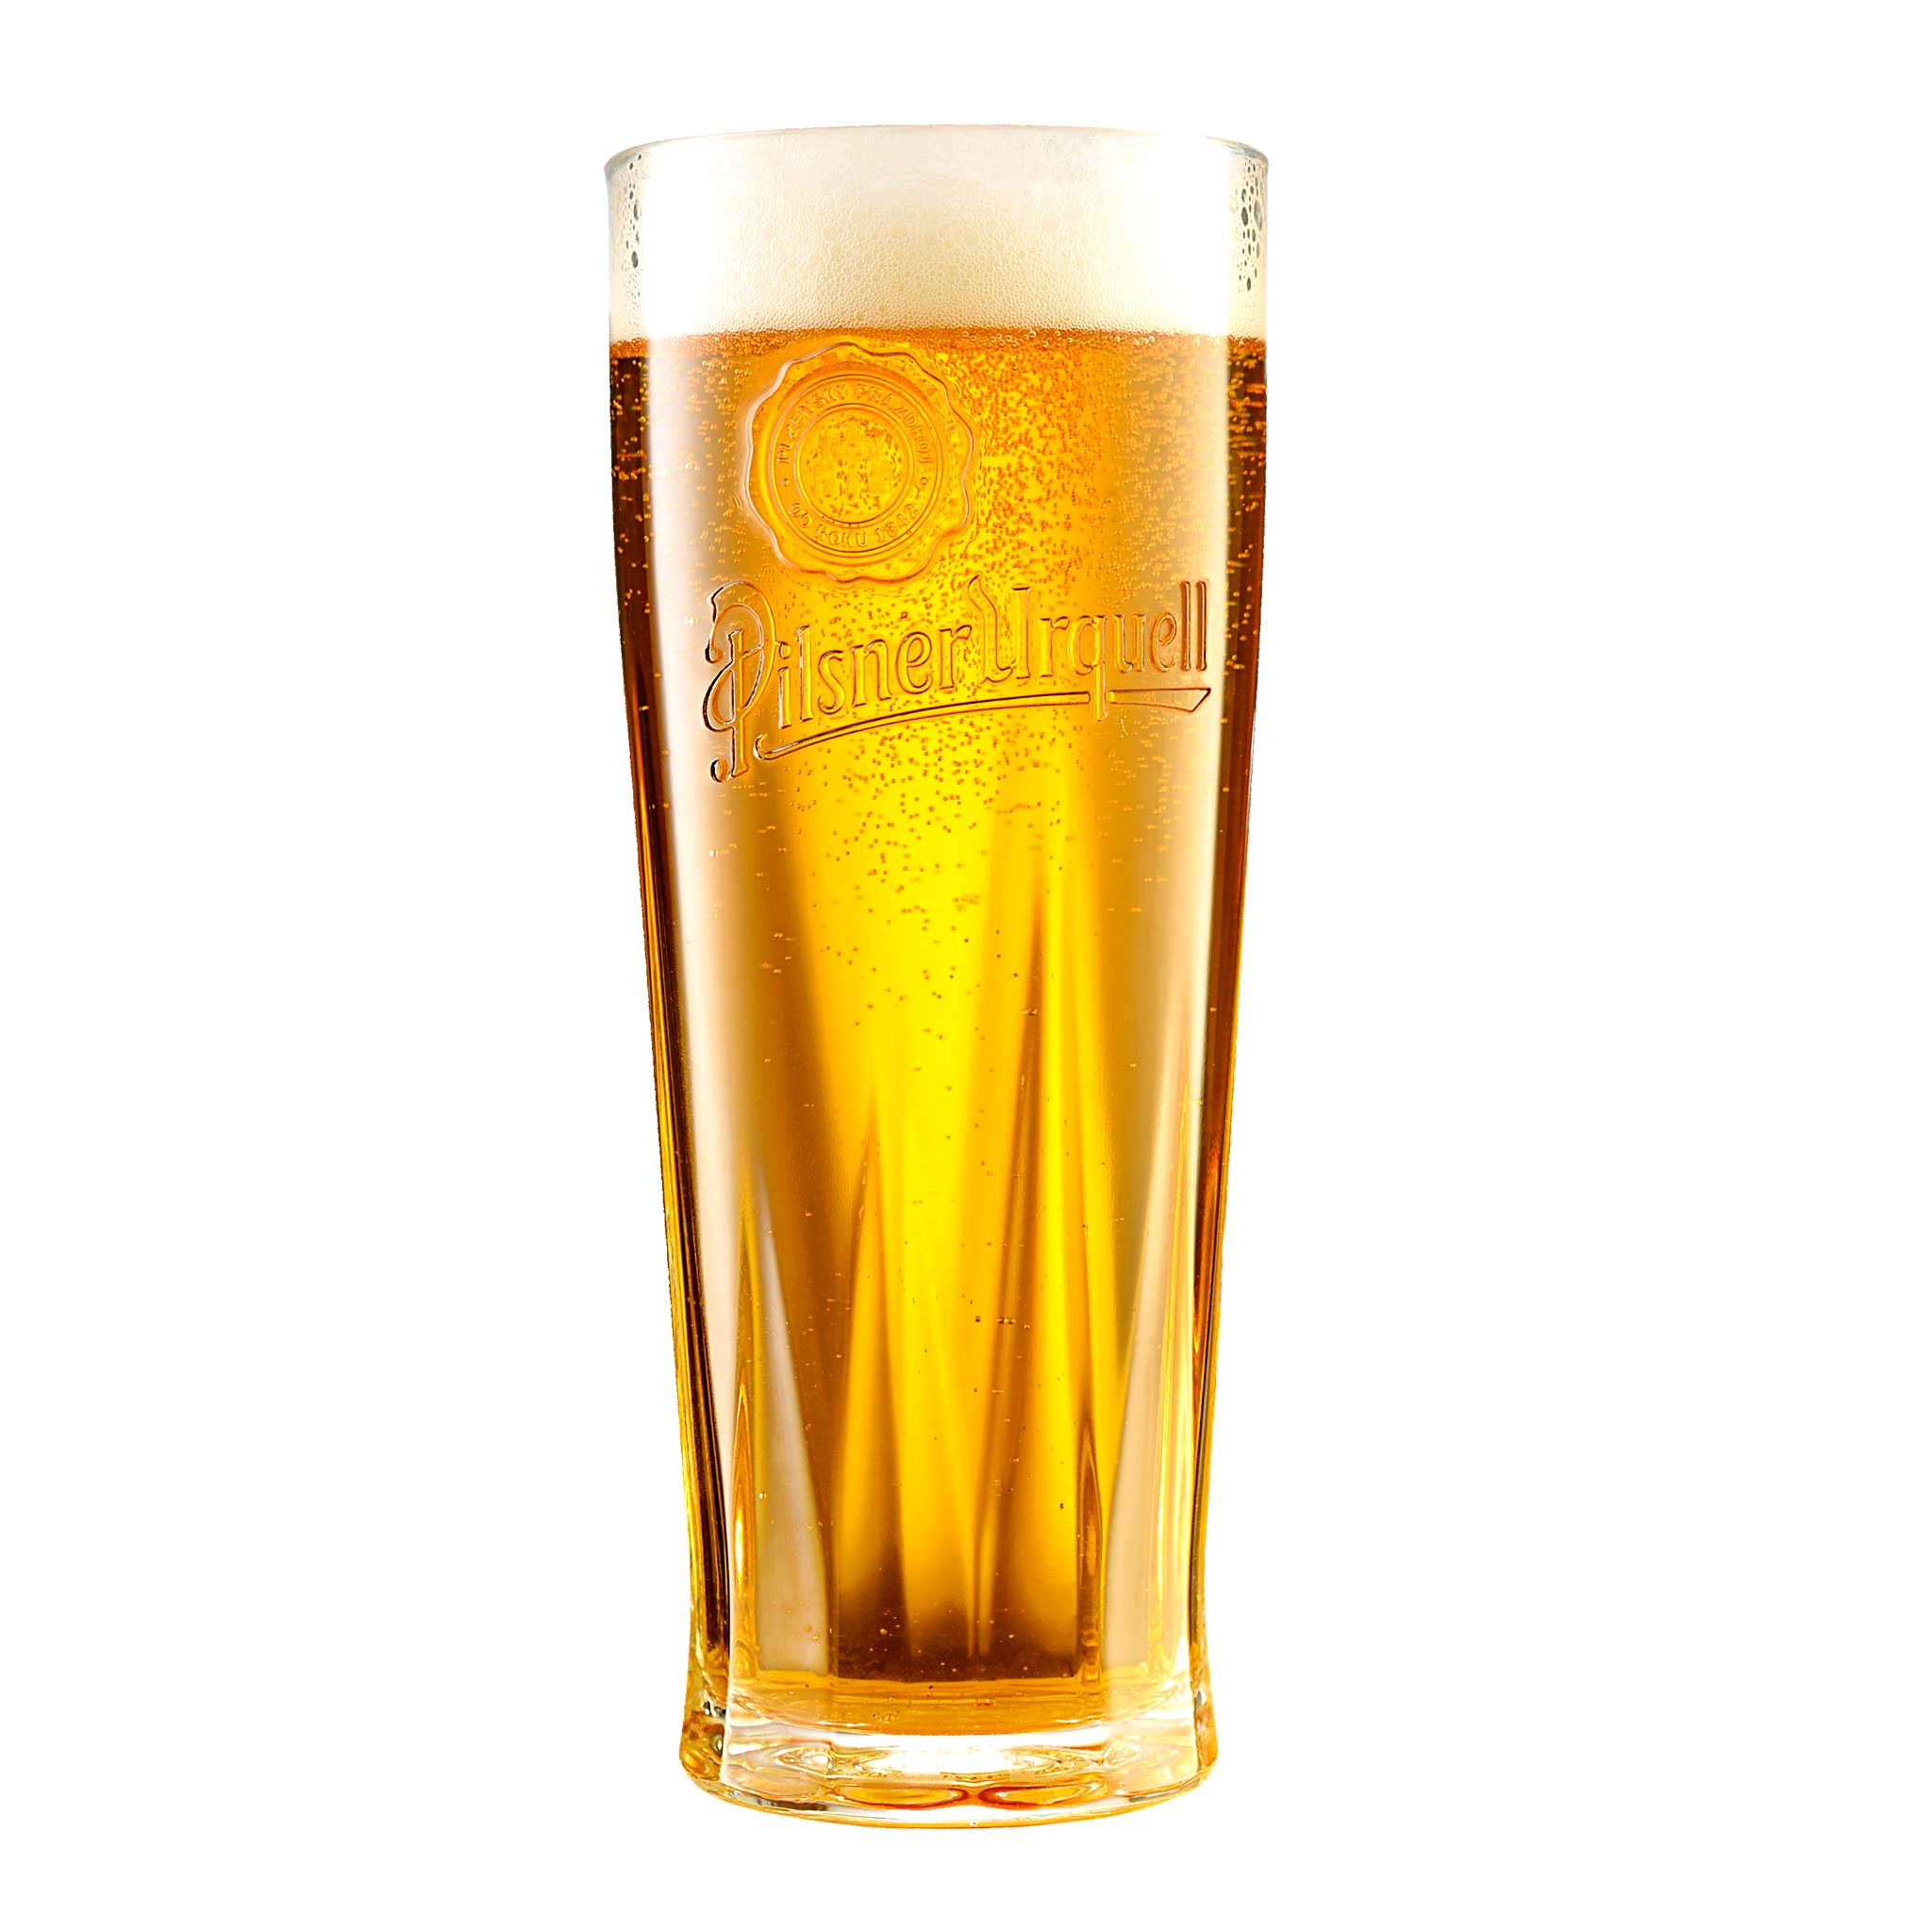 Pilsner_urquell-beer